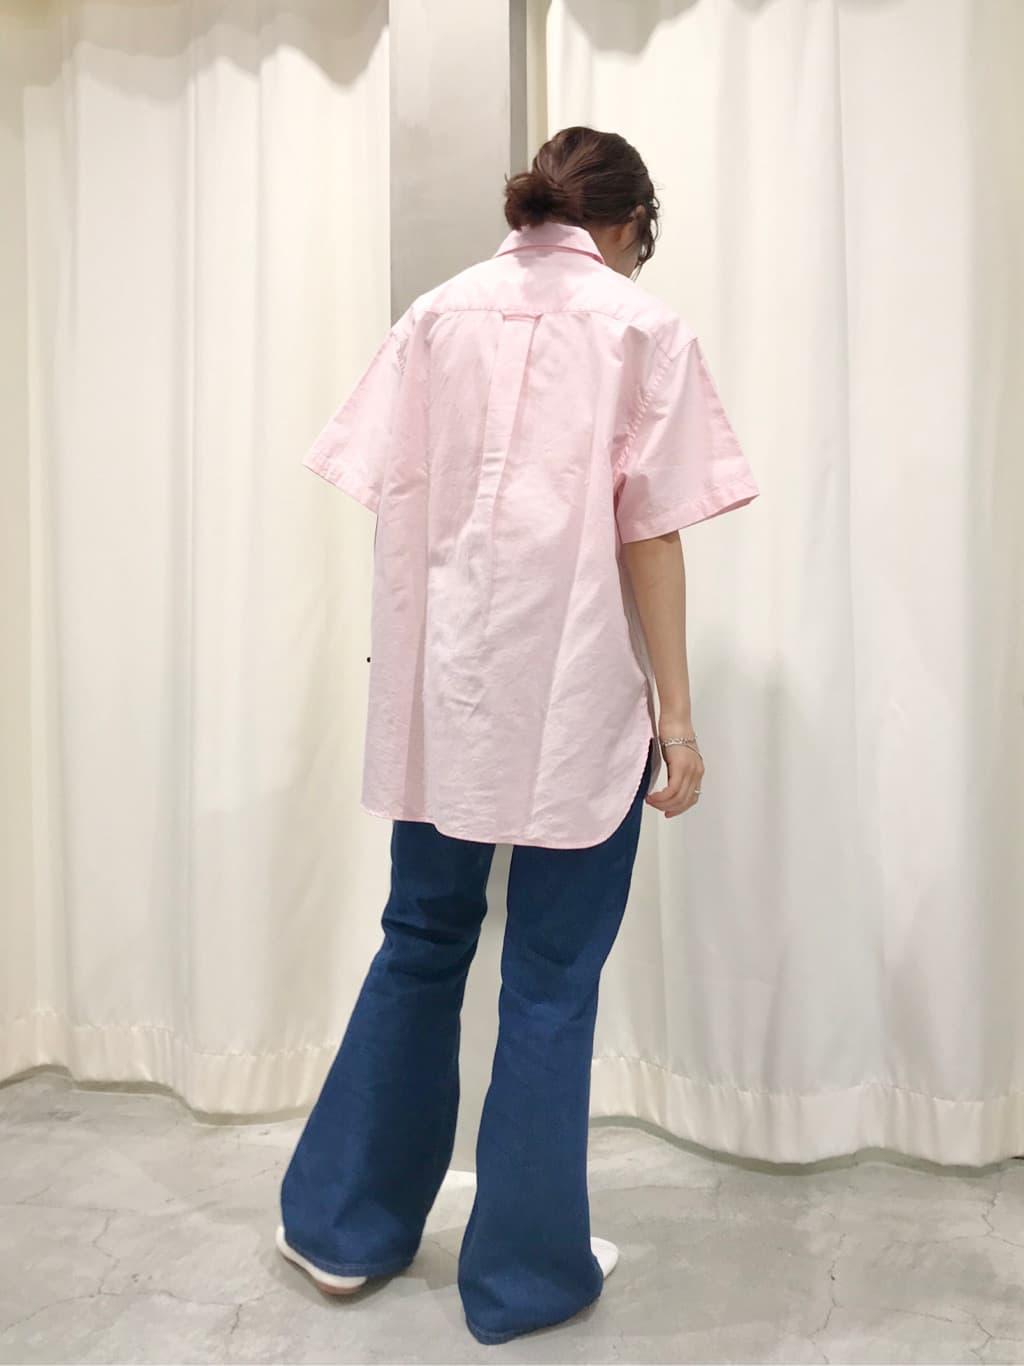 - PAR ICI CHILD WOMAN , PAR ICI ルミネ池袋 身長:154cm 2021.06.18